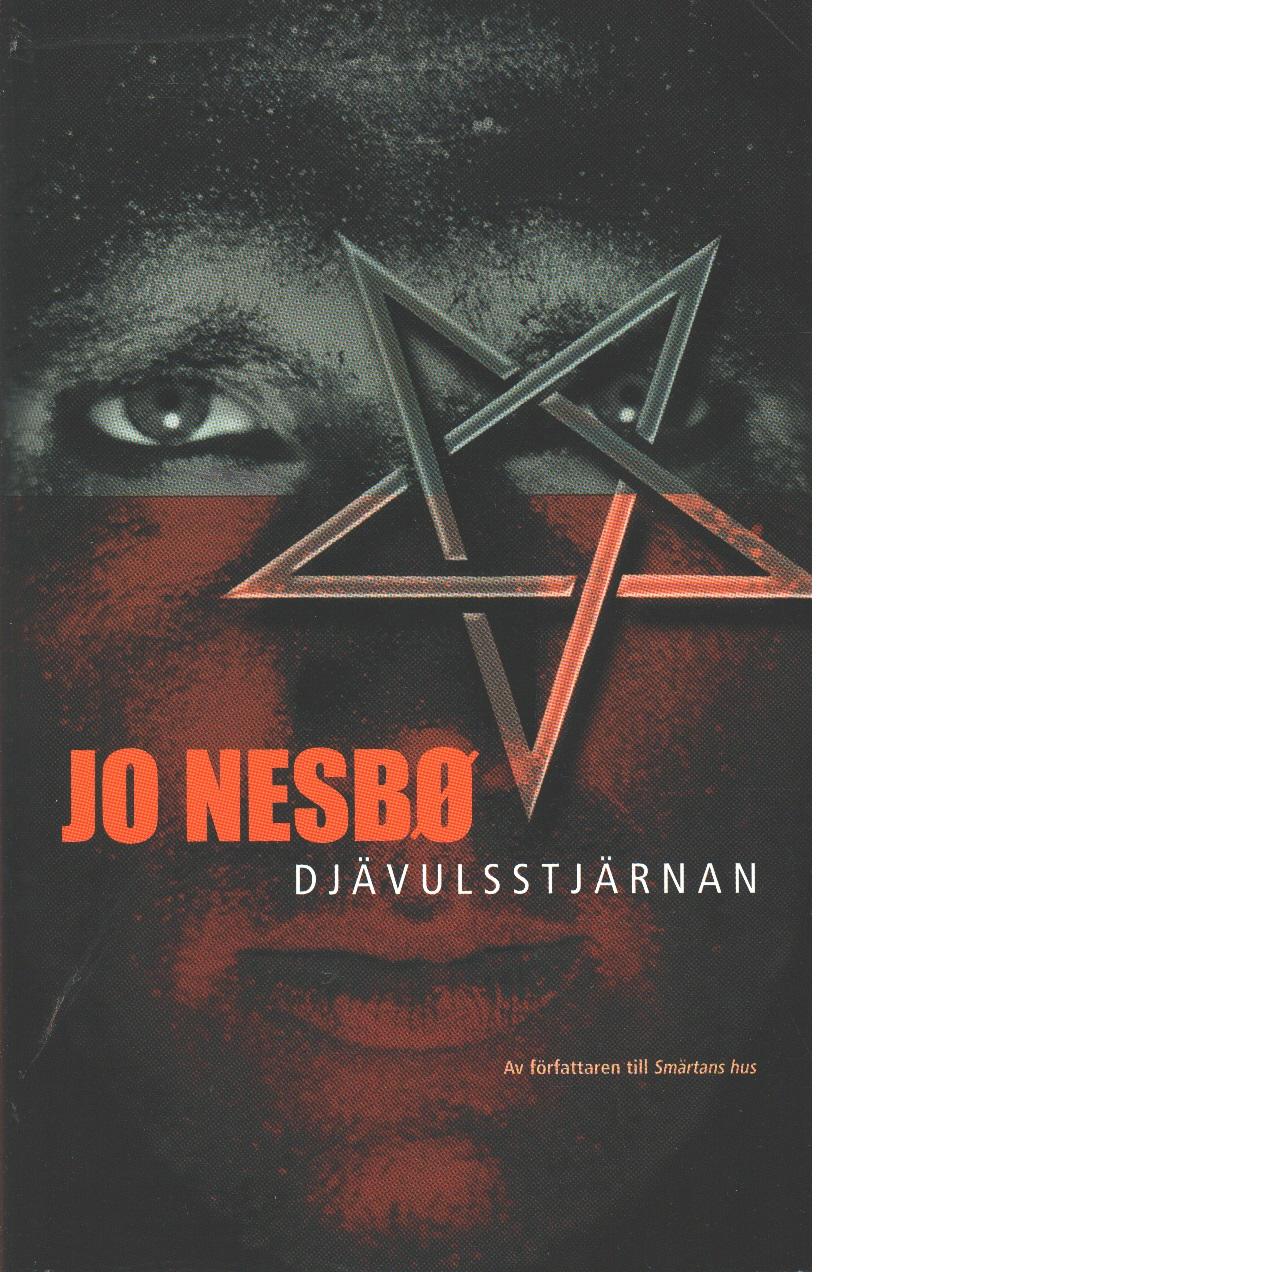 Djävulsstjärnan - Nesbø, Jo